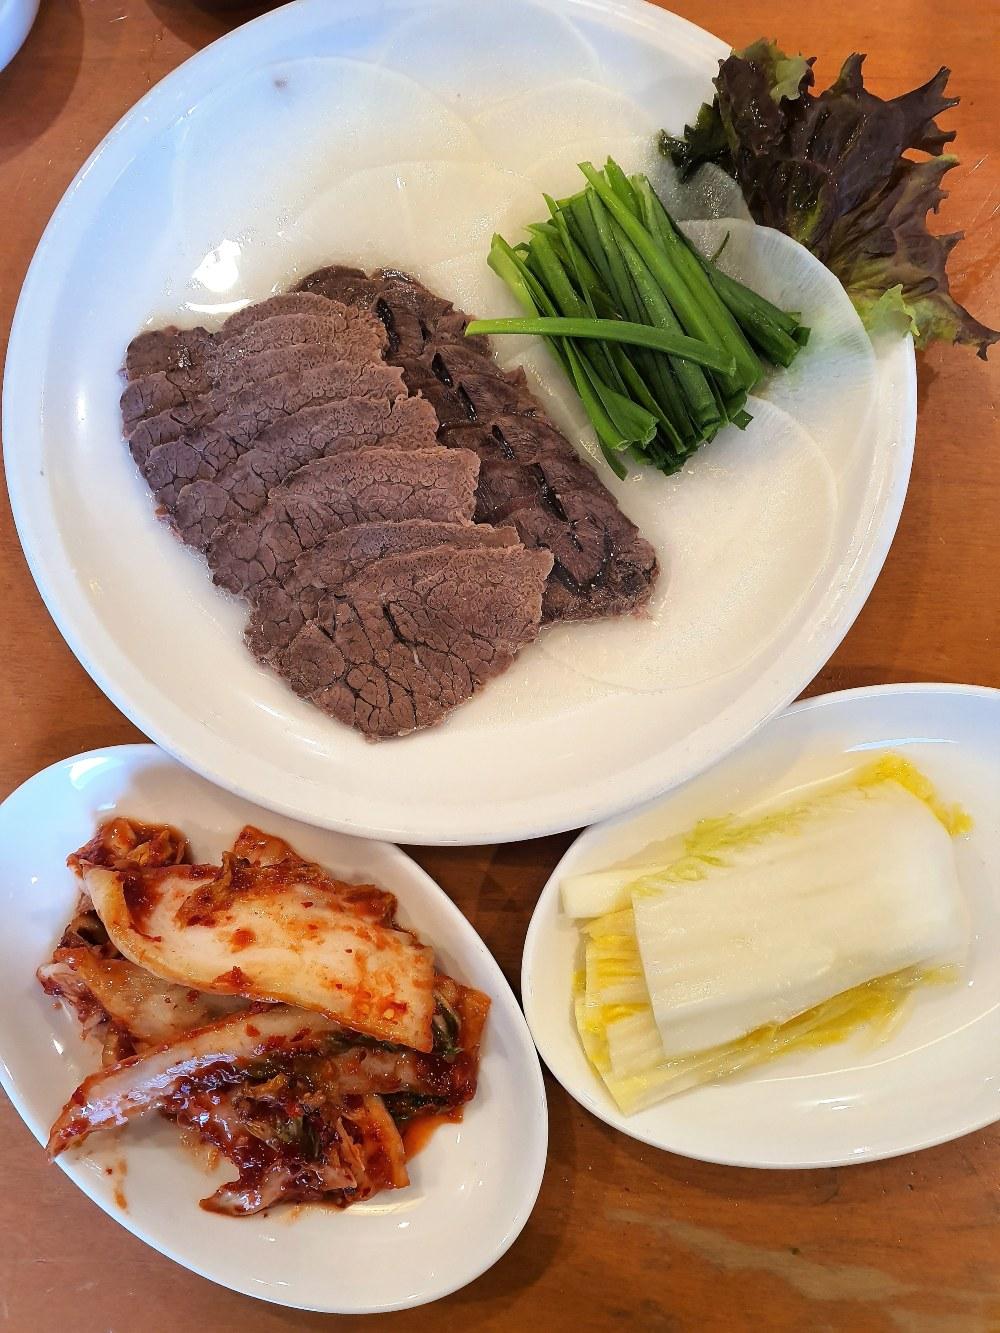 황생가칼국수의 부추수육, 부추에 곁들여 먹는 부드러운 한우 한 점 ⓒ Seonyoung Im